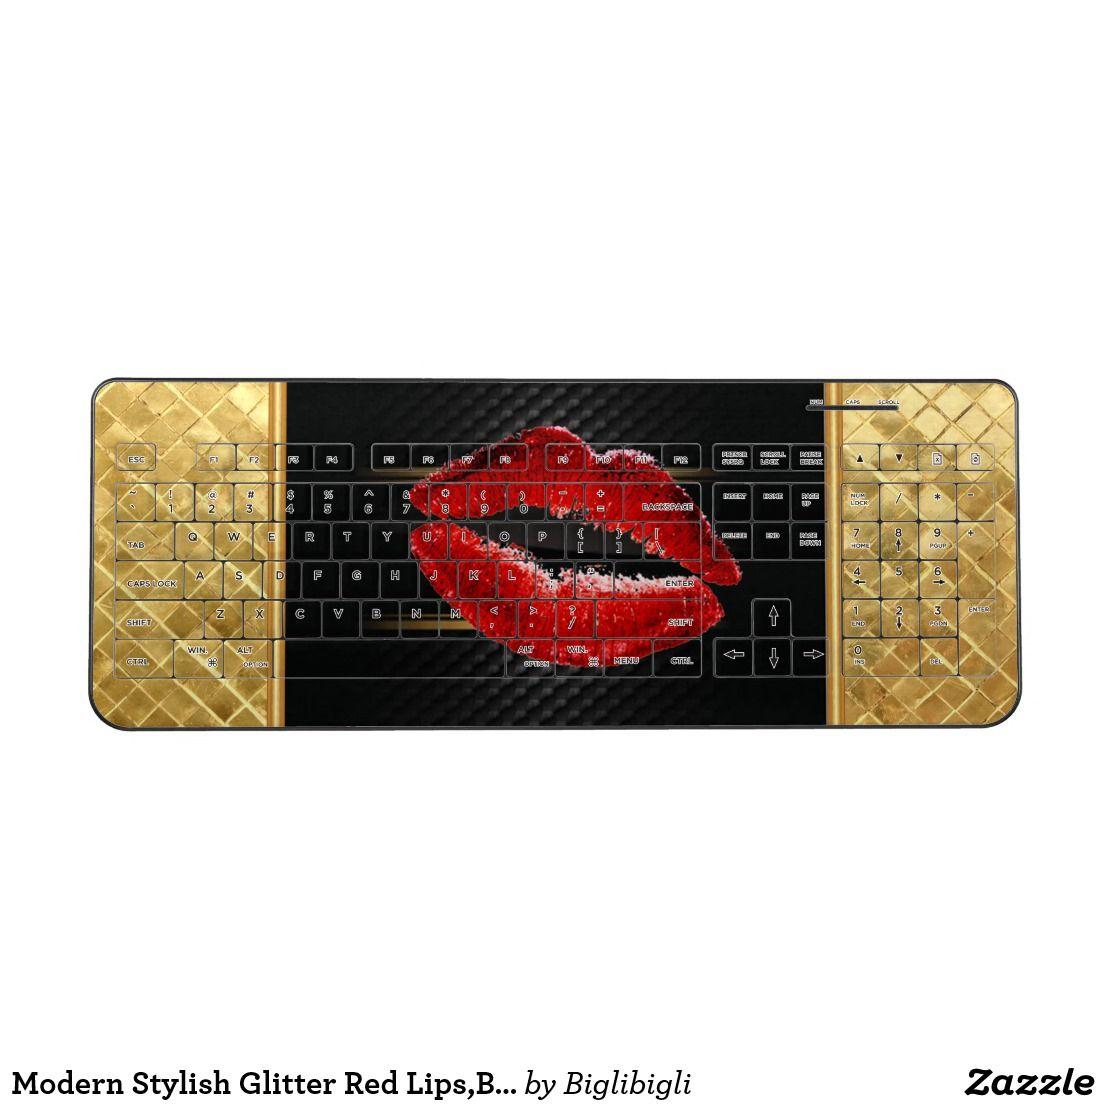 Modern Stylish Glitter Red Lips Black Wireless Keyboard Zazzle